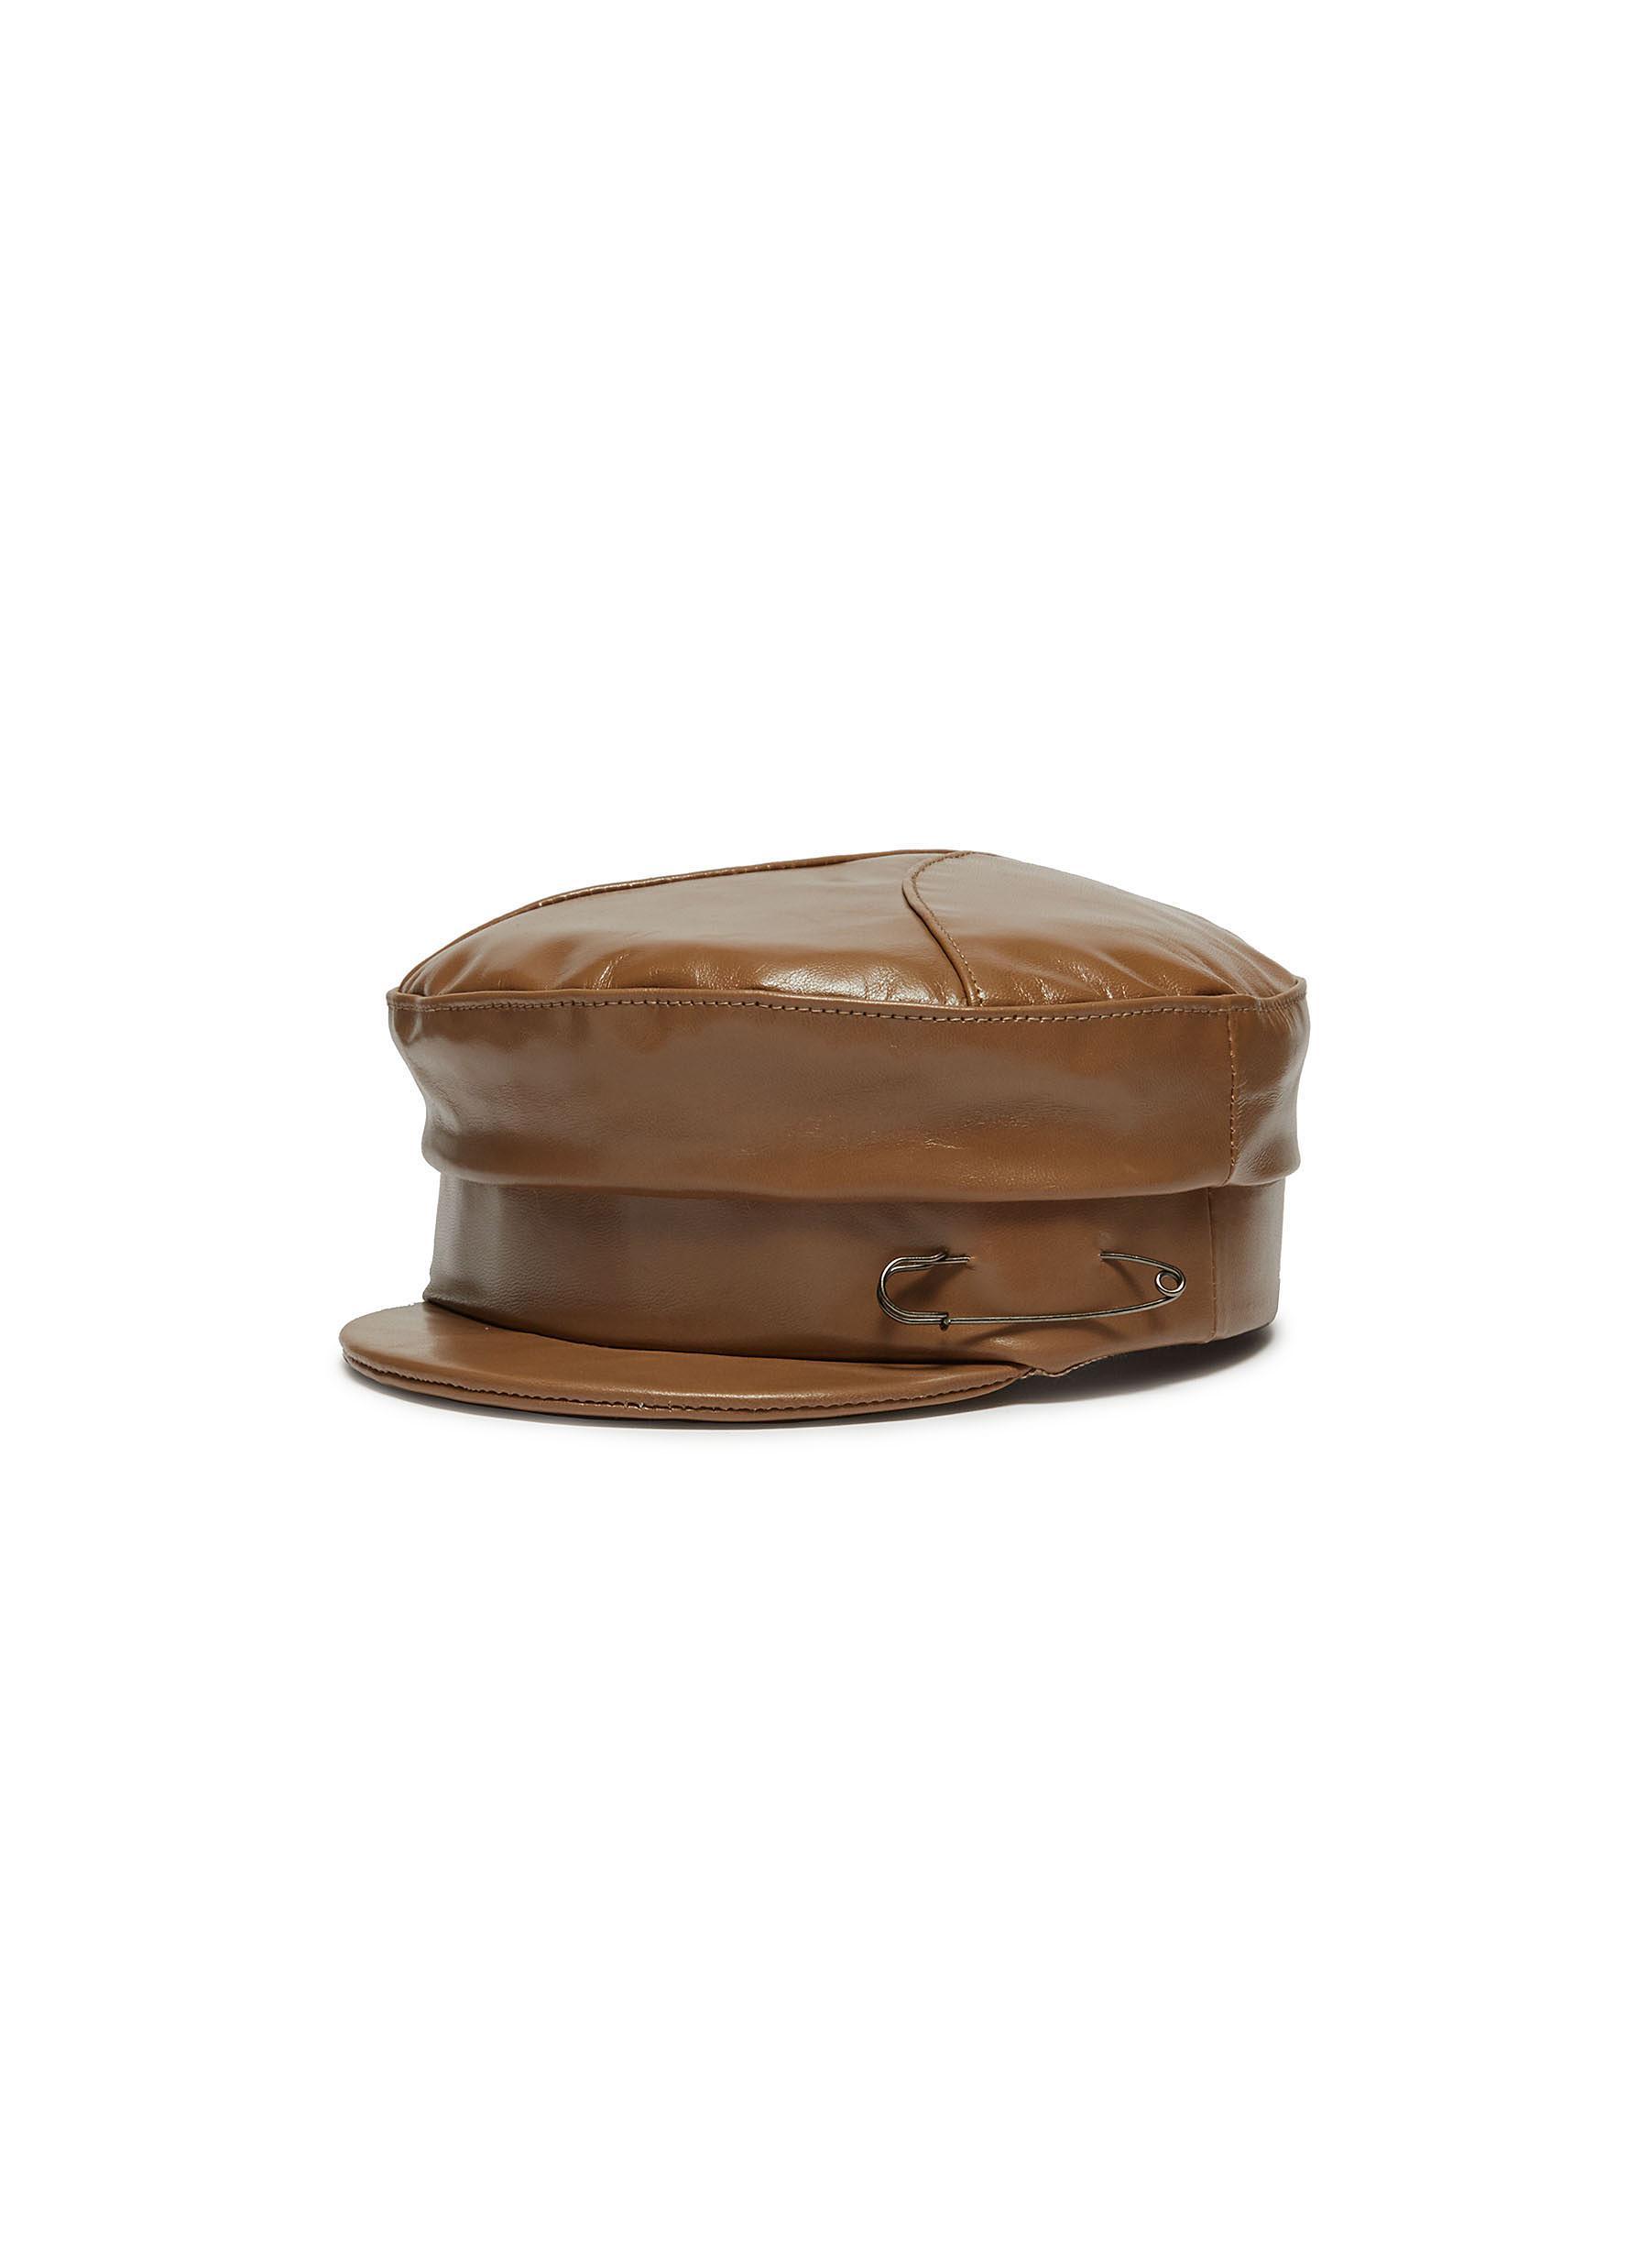 Lyst - Gigi Burris Millinery  georgie  Leather Newsboy Cap in Brown 40ef6e730df6